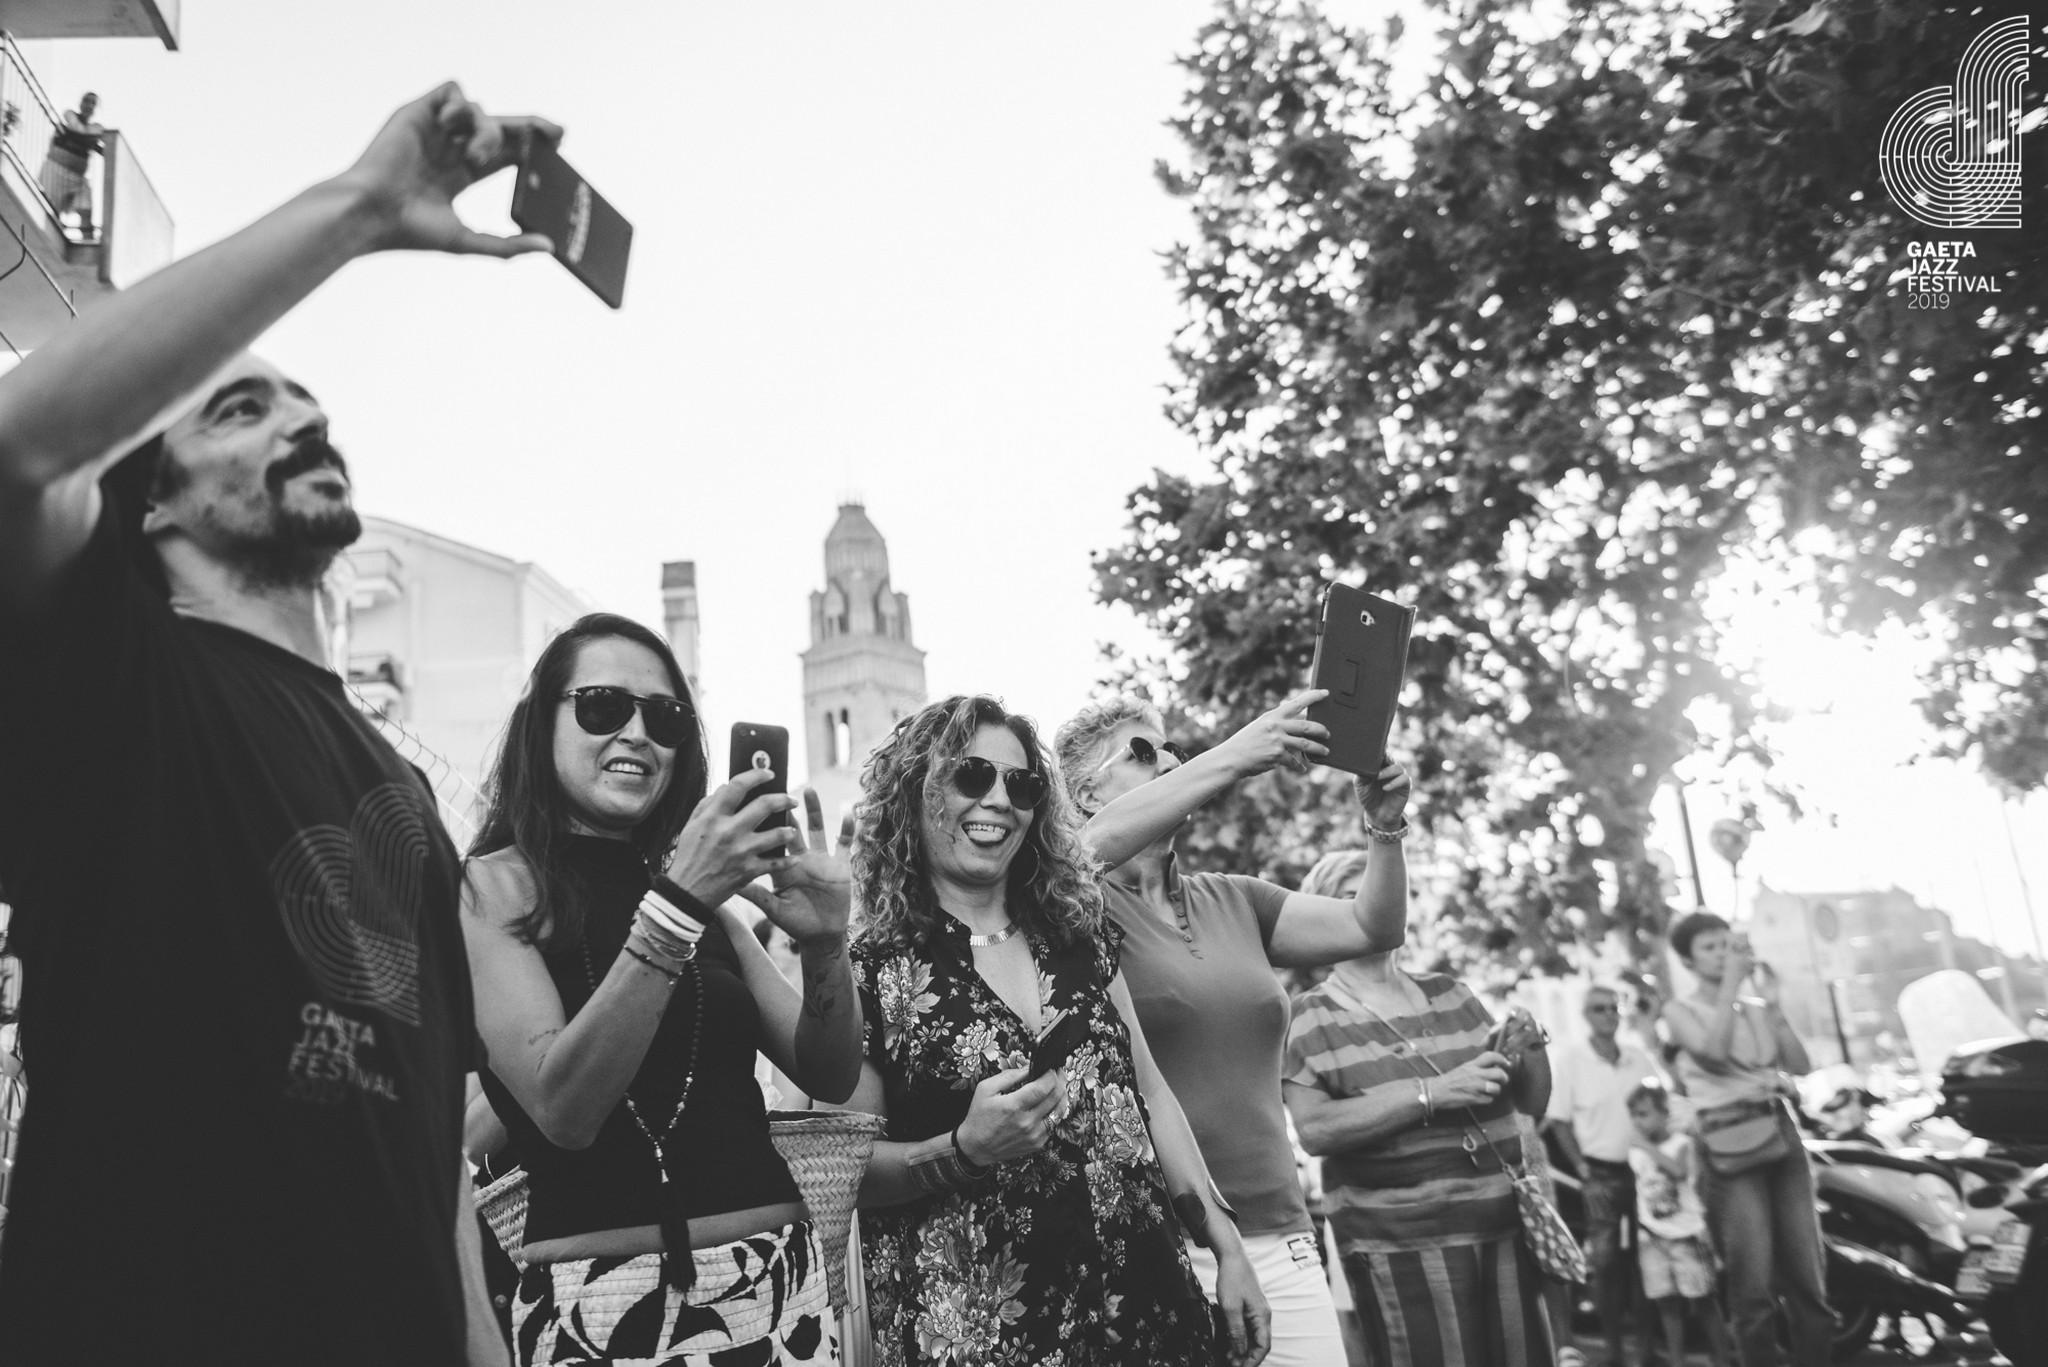 Flavia_Fiengo_Gaeta_Jazz_Festival_live_2019__00023